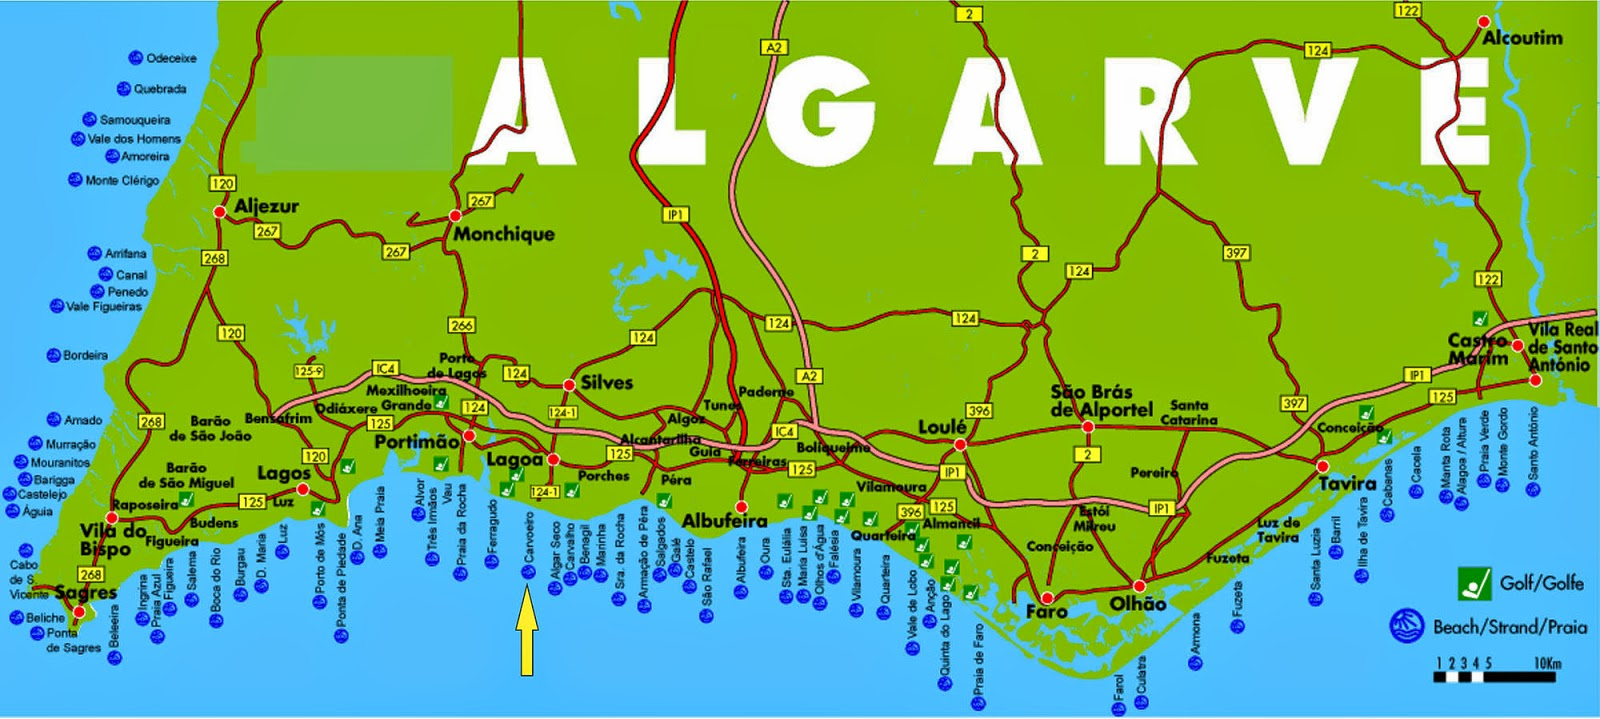 mapa da região do algarve Mapas de Carvoeiro   Portugal | MapasBlog mapa da região do algarve